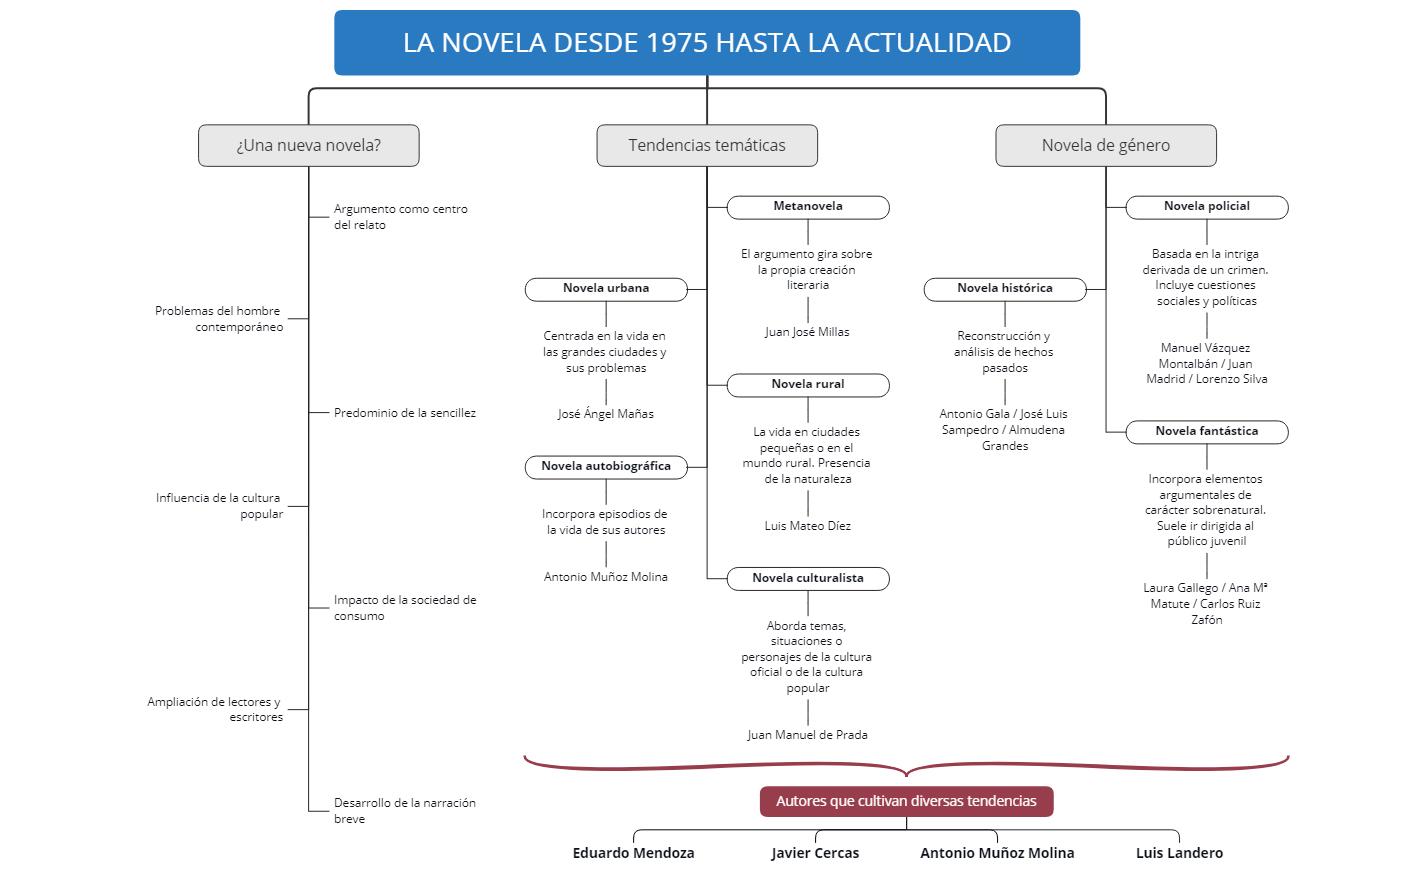 La novela desde 1975 hasta la actualidad